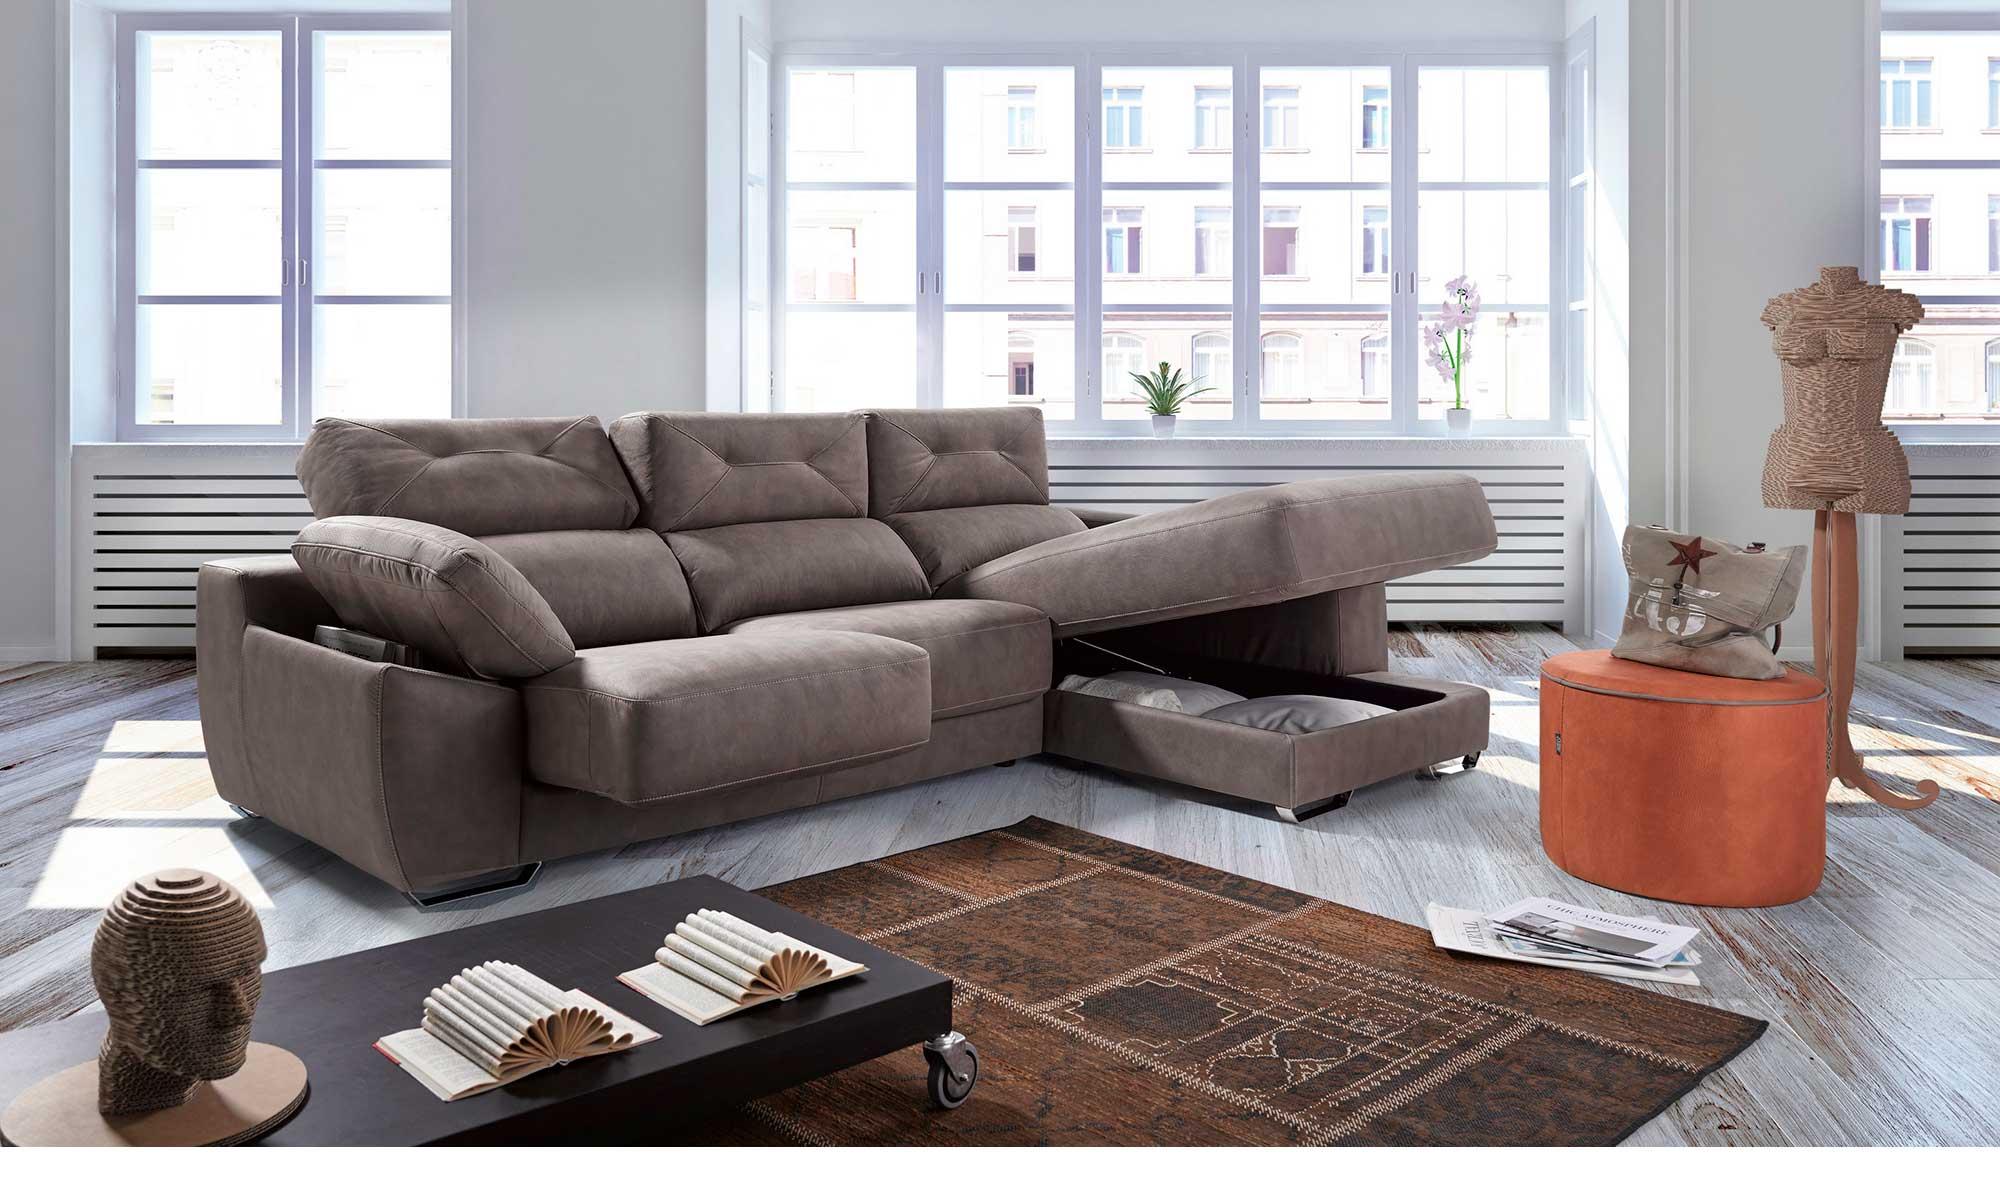 Inicio muebles los barriales - Oportunidades gaditanas muebles ...